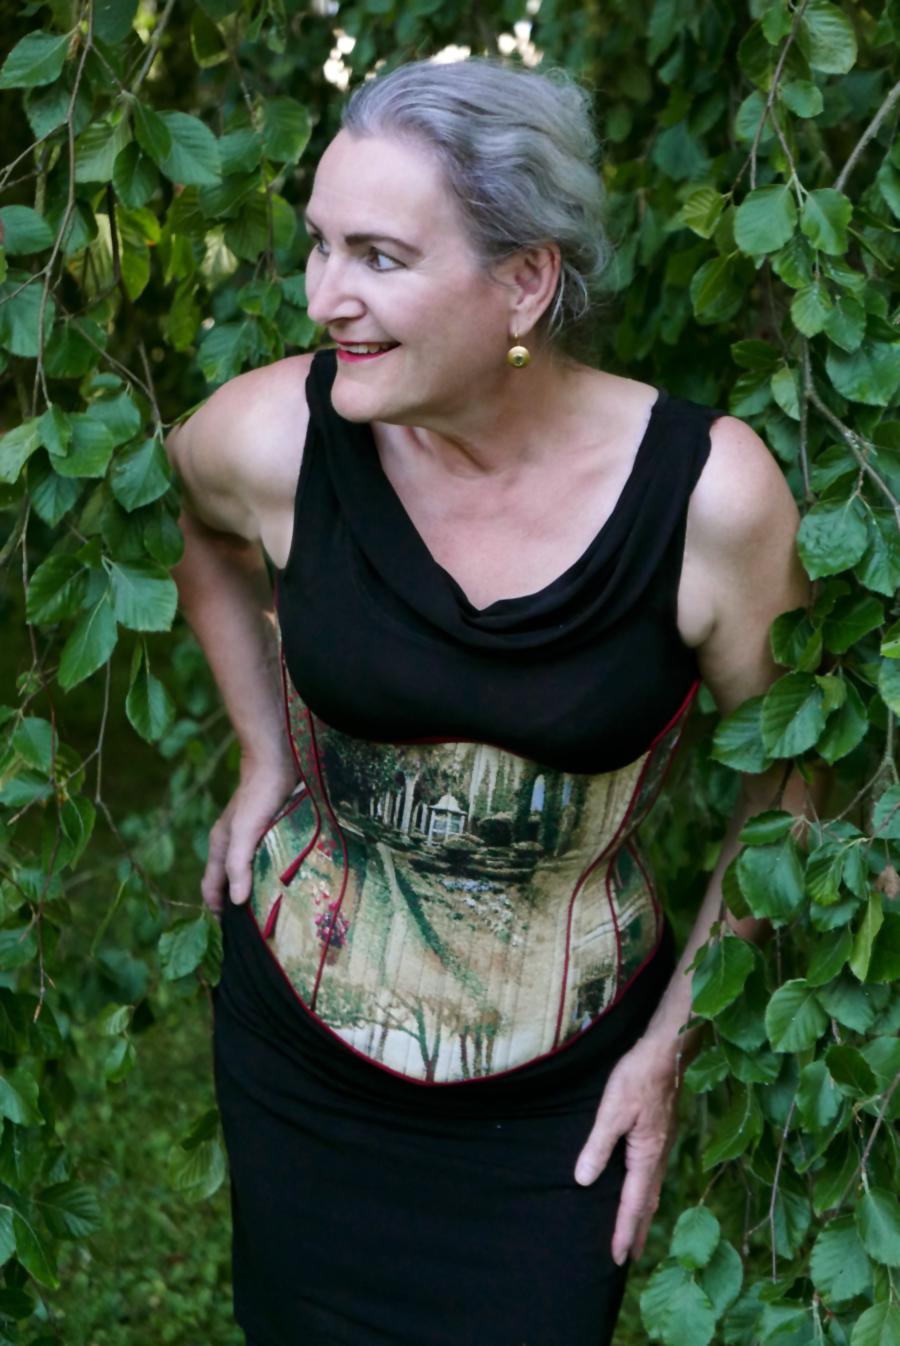 """""""Tränen des Eros"""" - Kundin posiert für Fotoaufnahmen in einem romantischen Garten in Winterthur, Bild: Beata Sievi"""